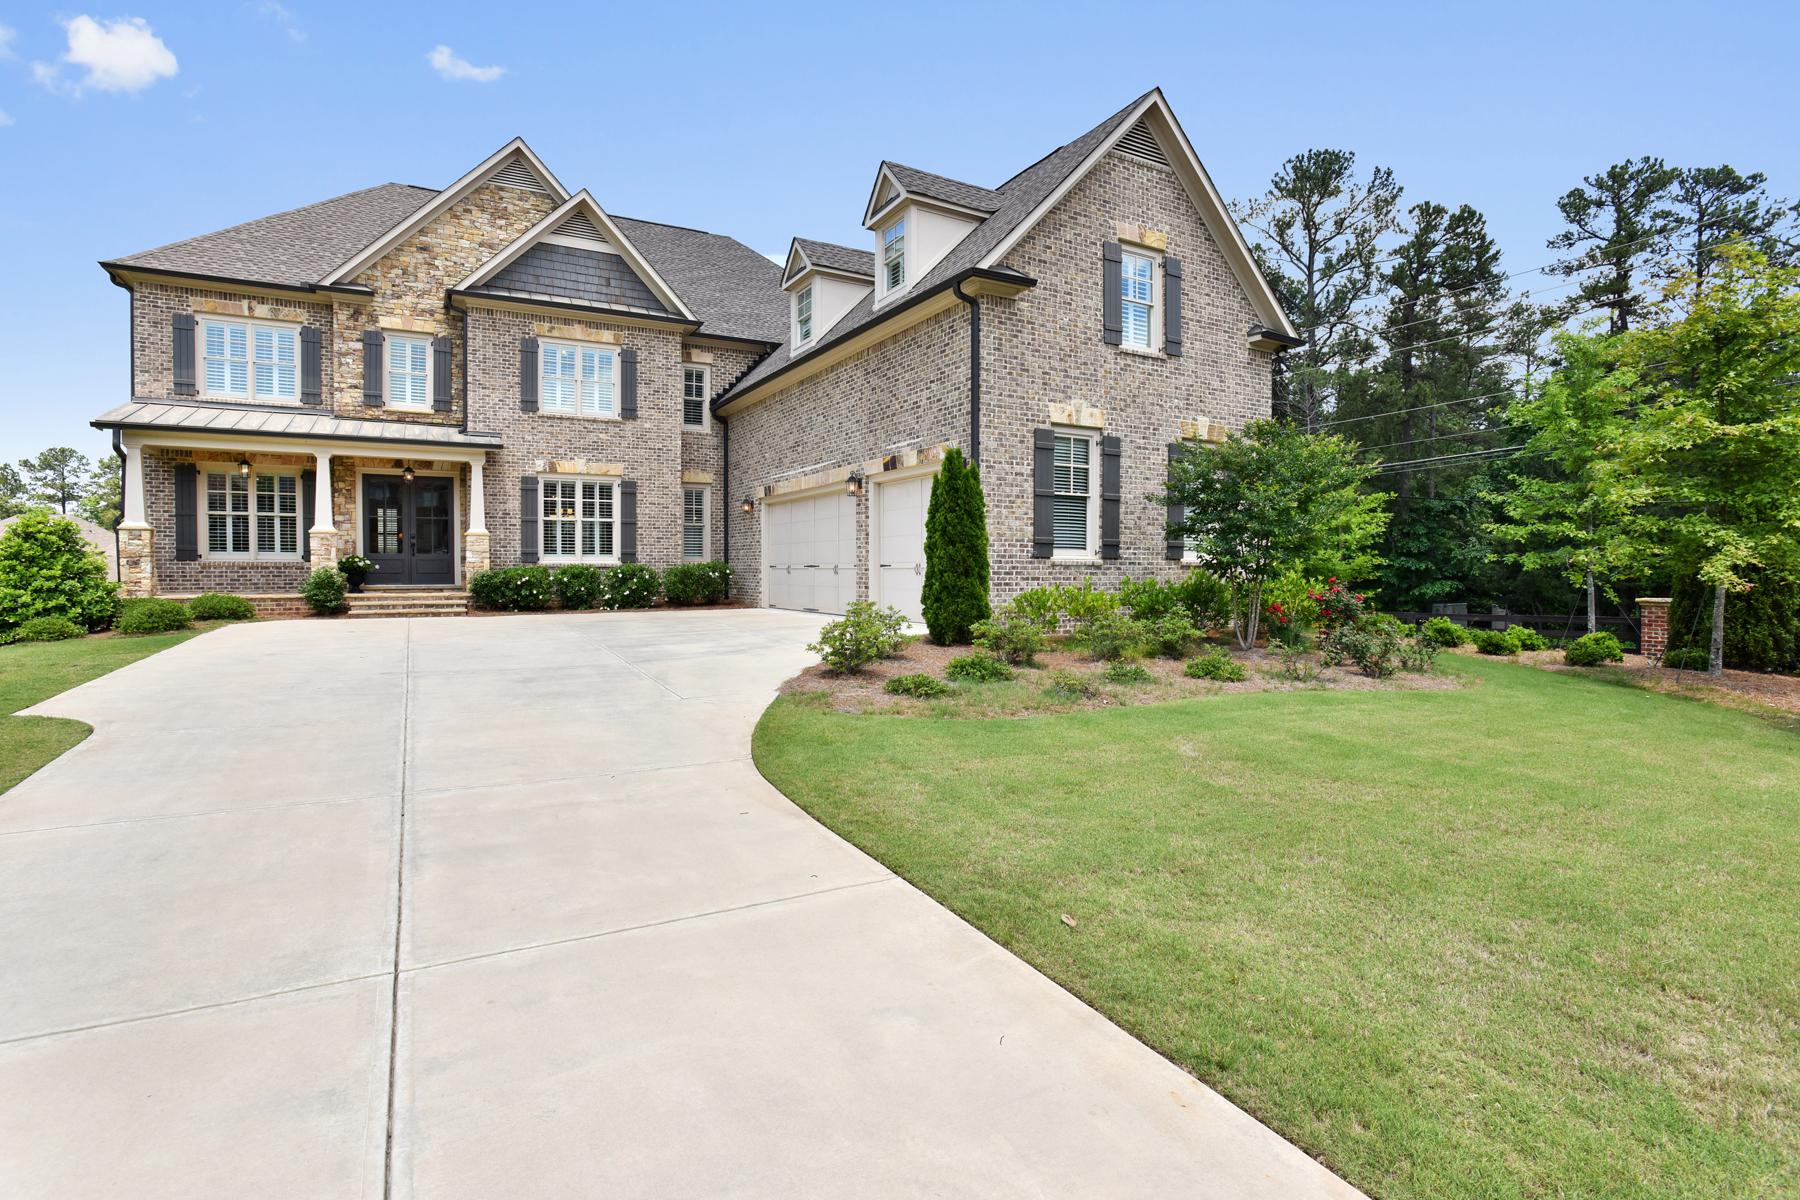 Tek Ailelik Ev için Satış at Looks And Feels Brand New 4360 Autry Way Johns Creek, Georgia, 30022 Amerika Birleşik Devletleri